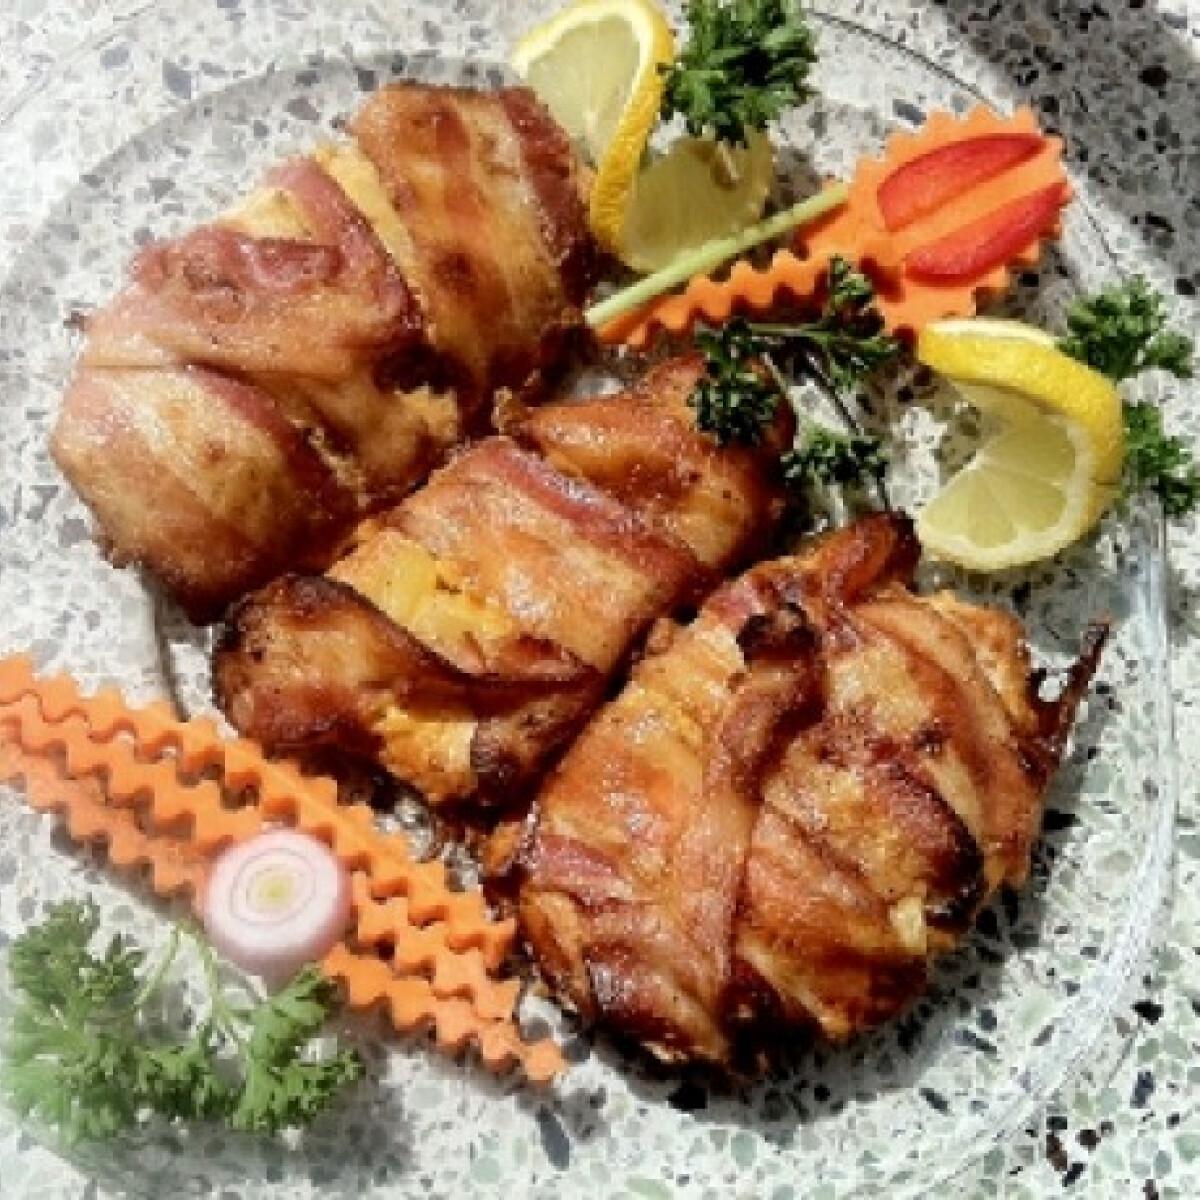 Sajtos csirke ananásszal baconbe göngyölve